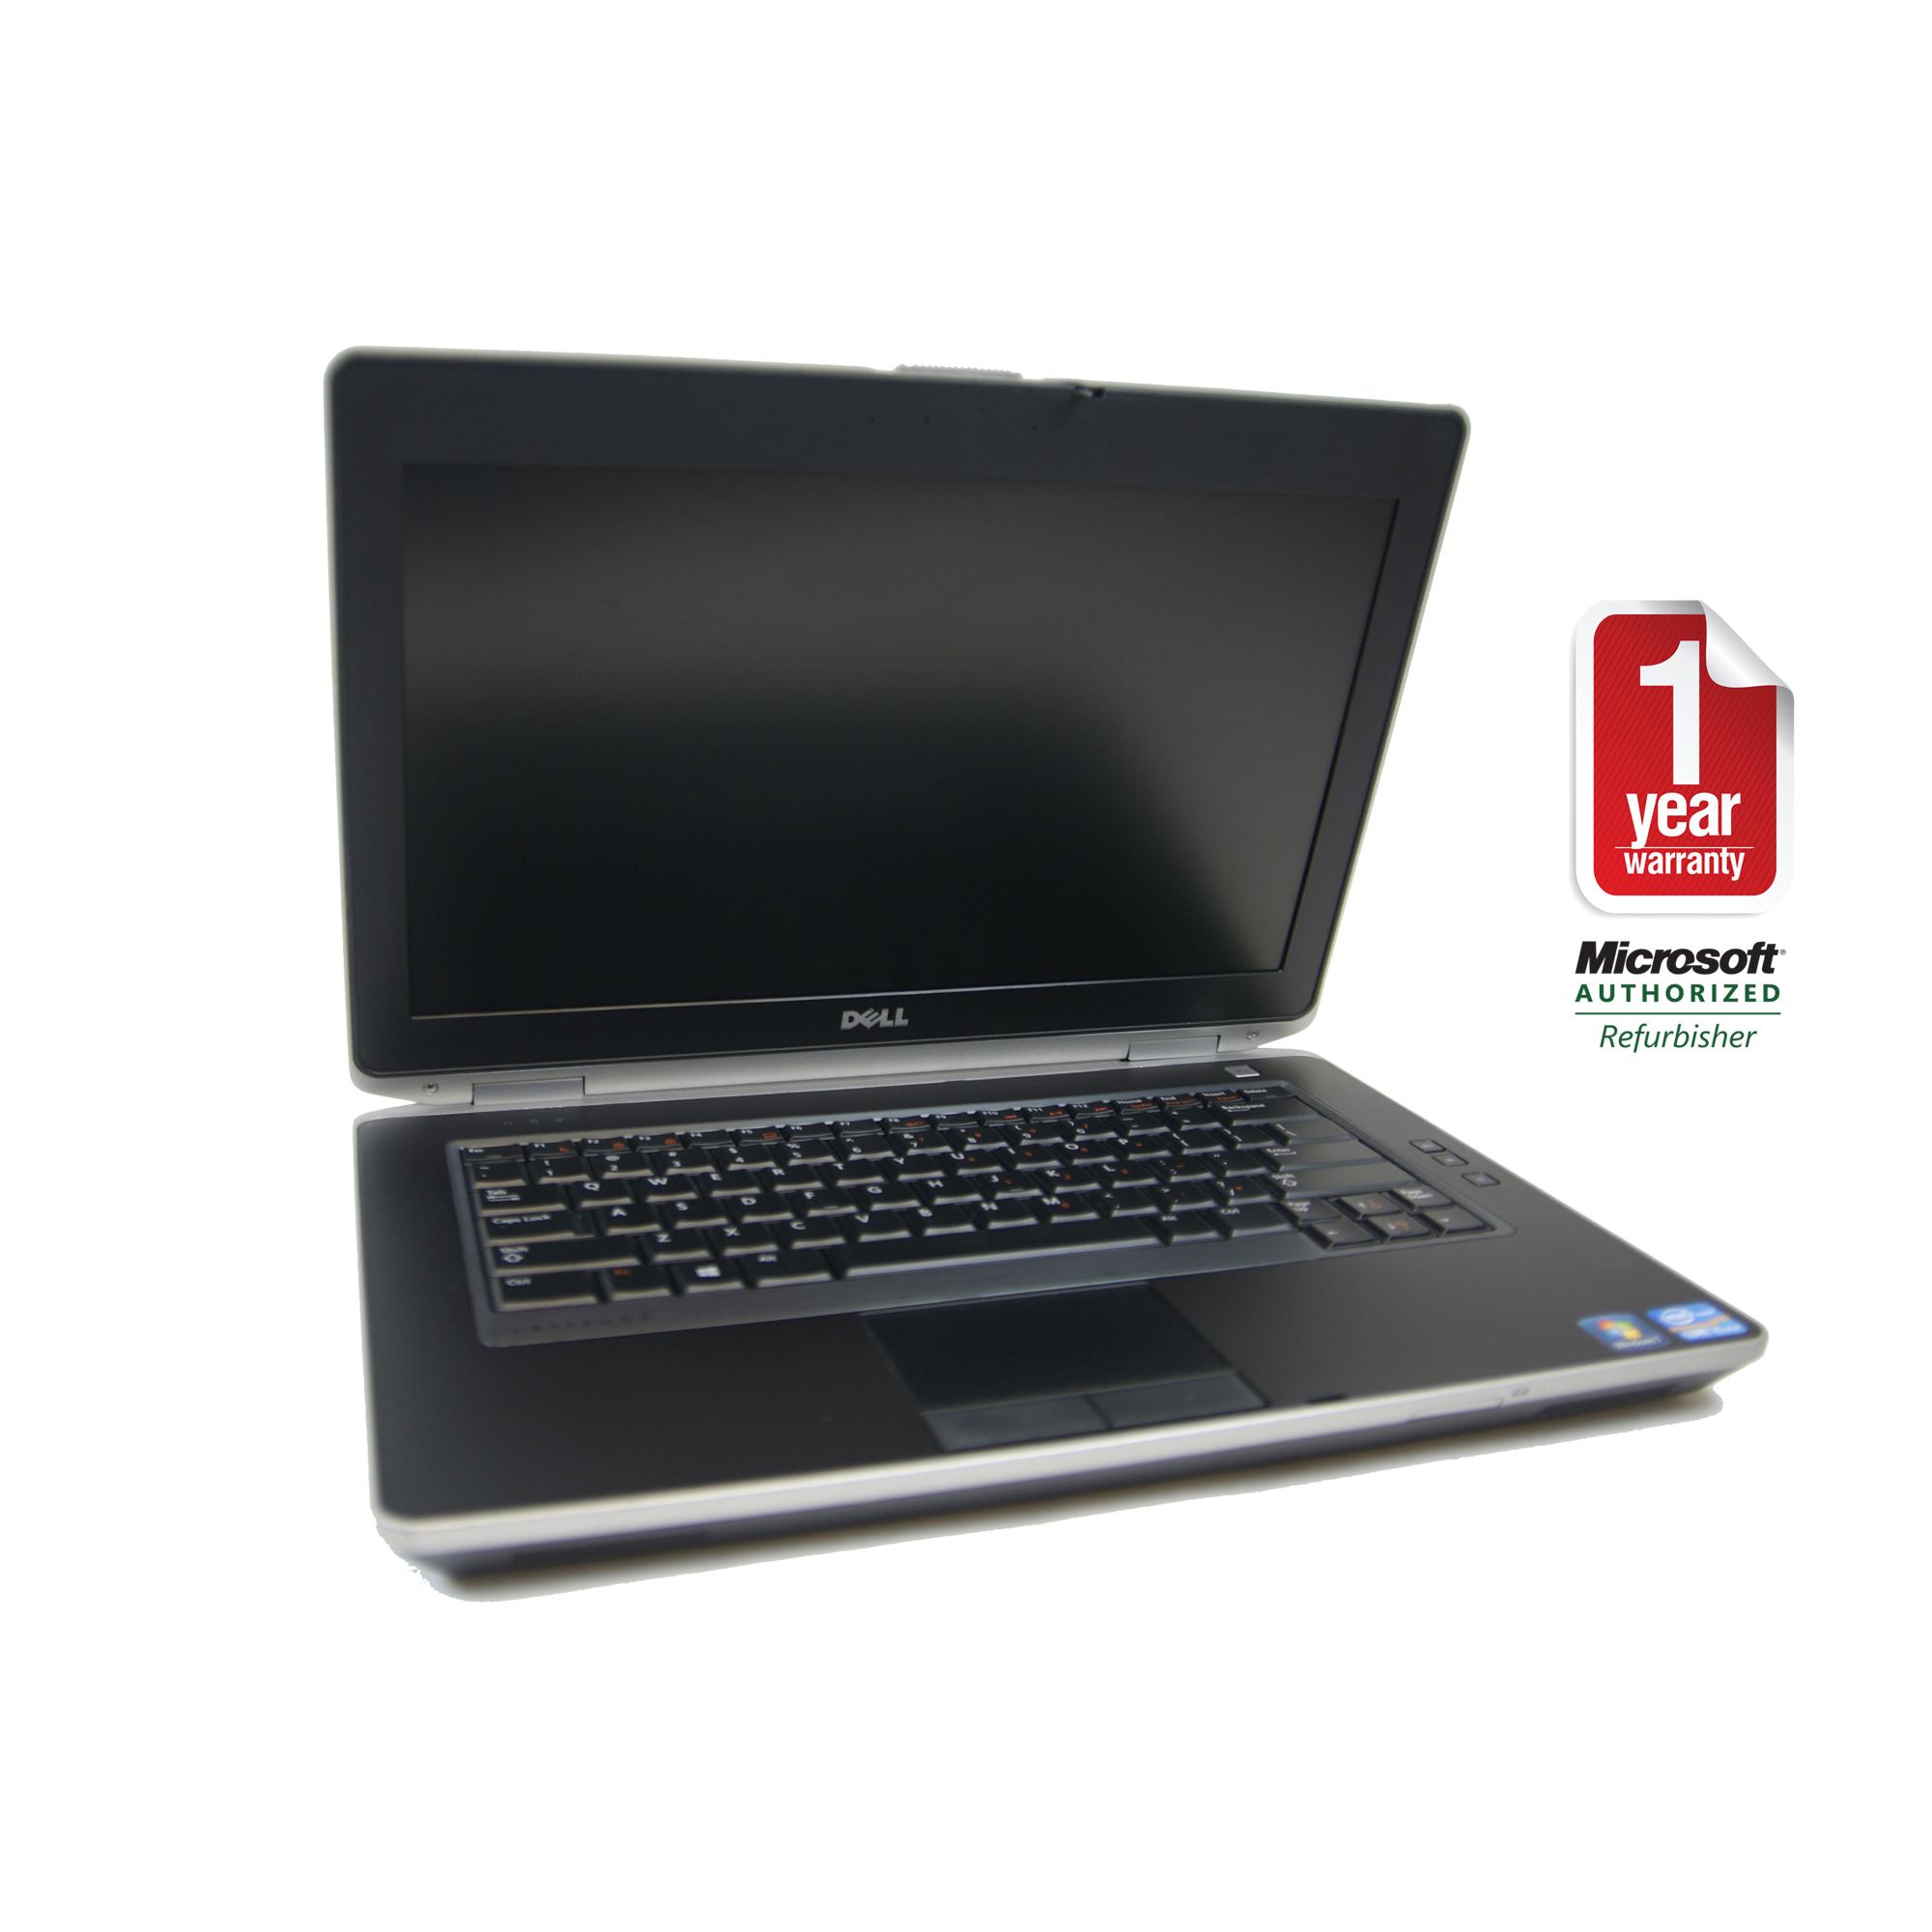 DELL E6430 refurbished laptop PC CORE I5-2.6 3RD GEN 3320M/8GB/256GB SSD/DVDRW/14/W7P64